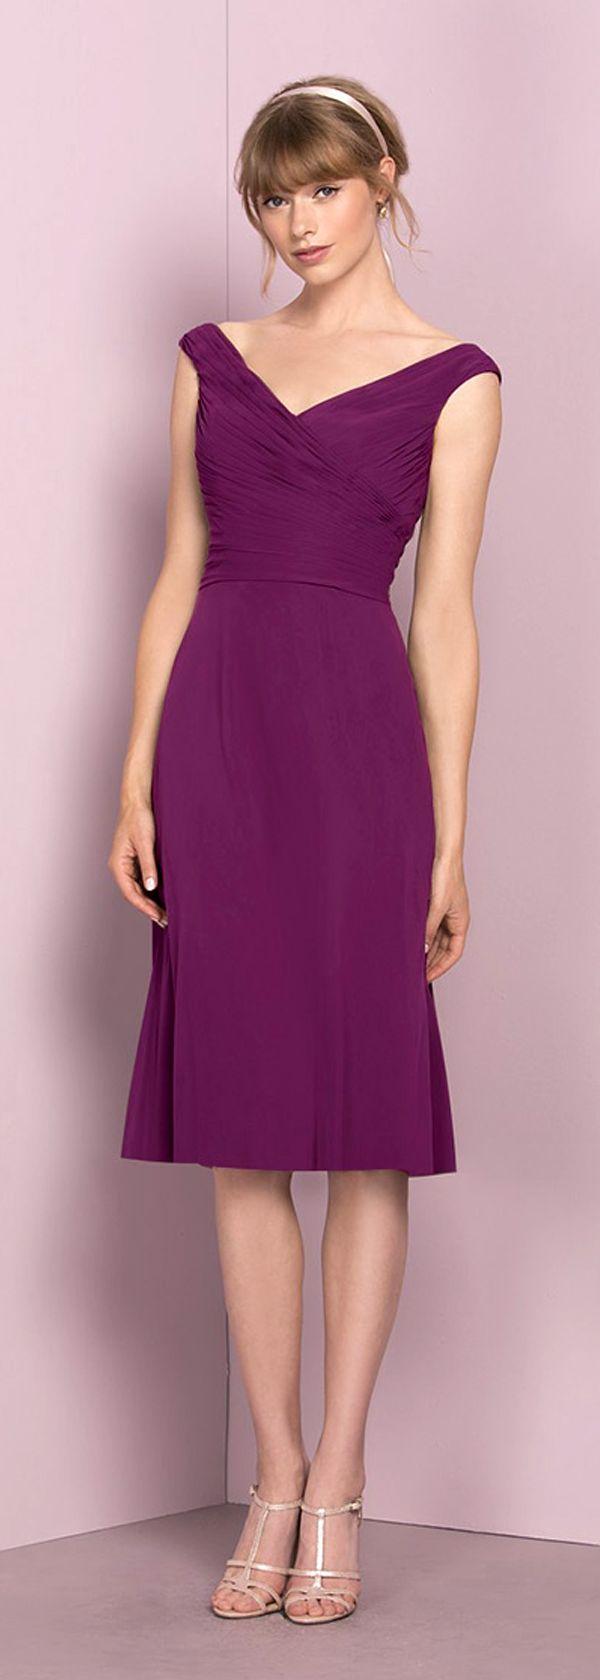 225 mejores imágenes de Bridesmaid Dress en Pinterest | Damas de ...